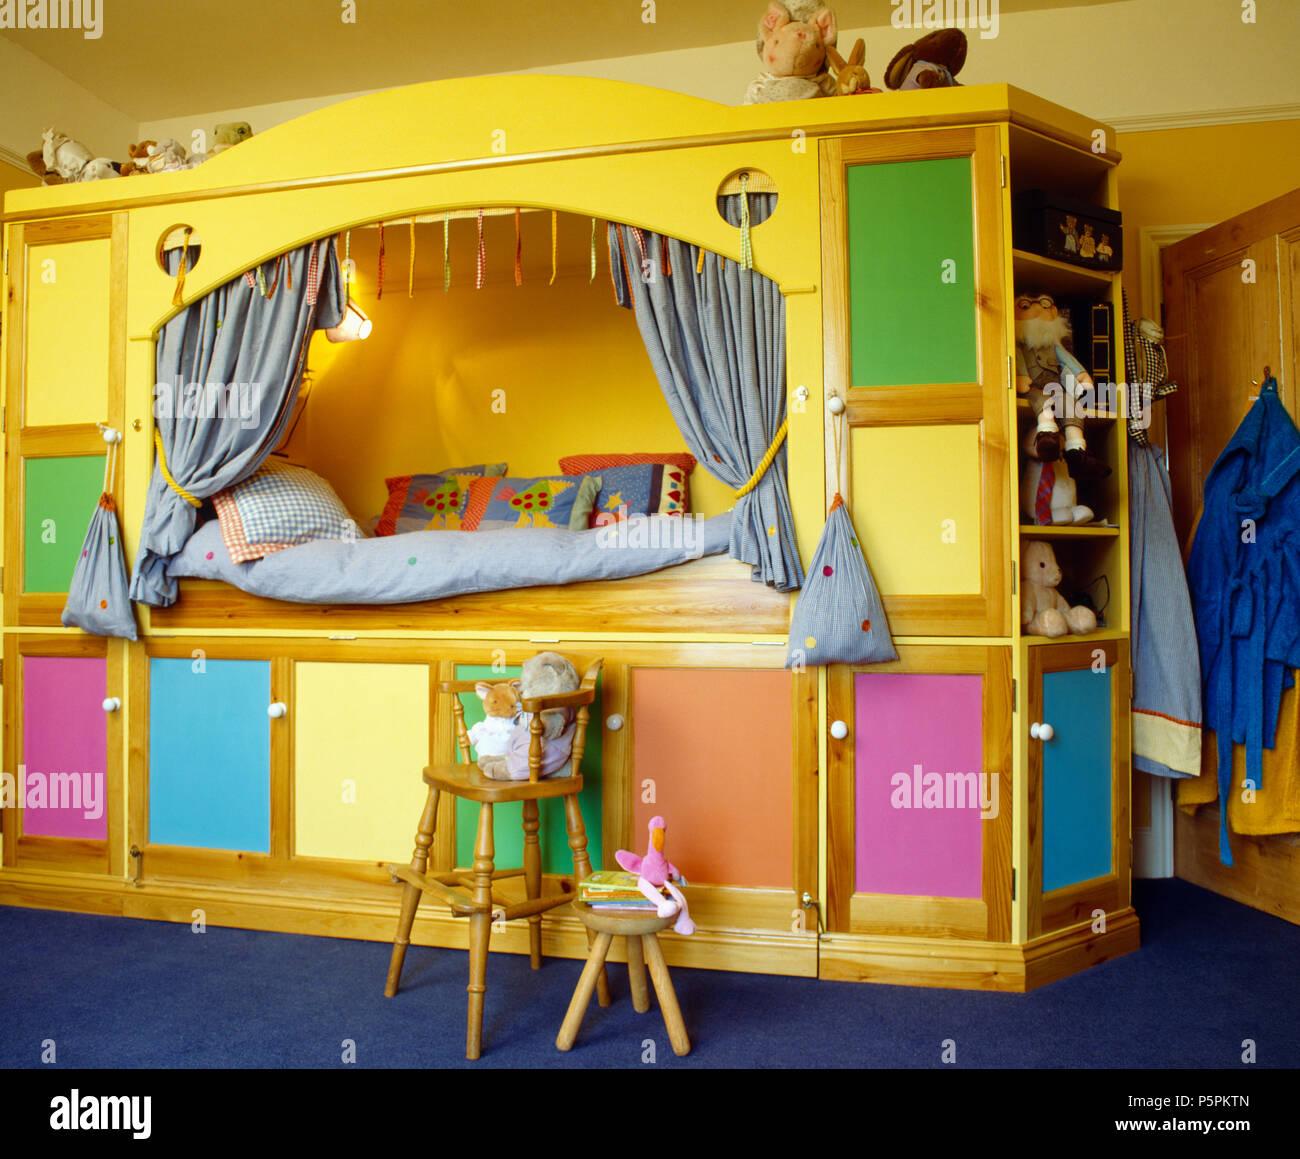 Gelbe Integrierte Plattform Bett Mit Bunten Turen Auf Stauraum Unter